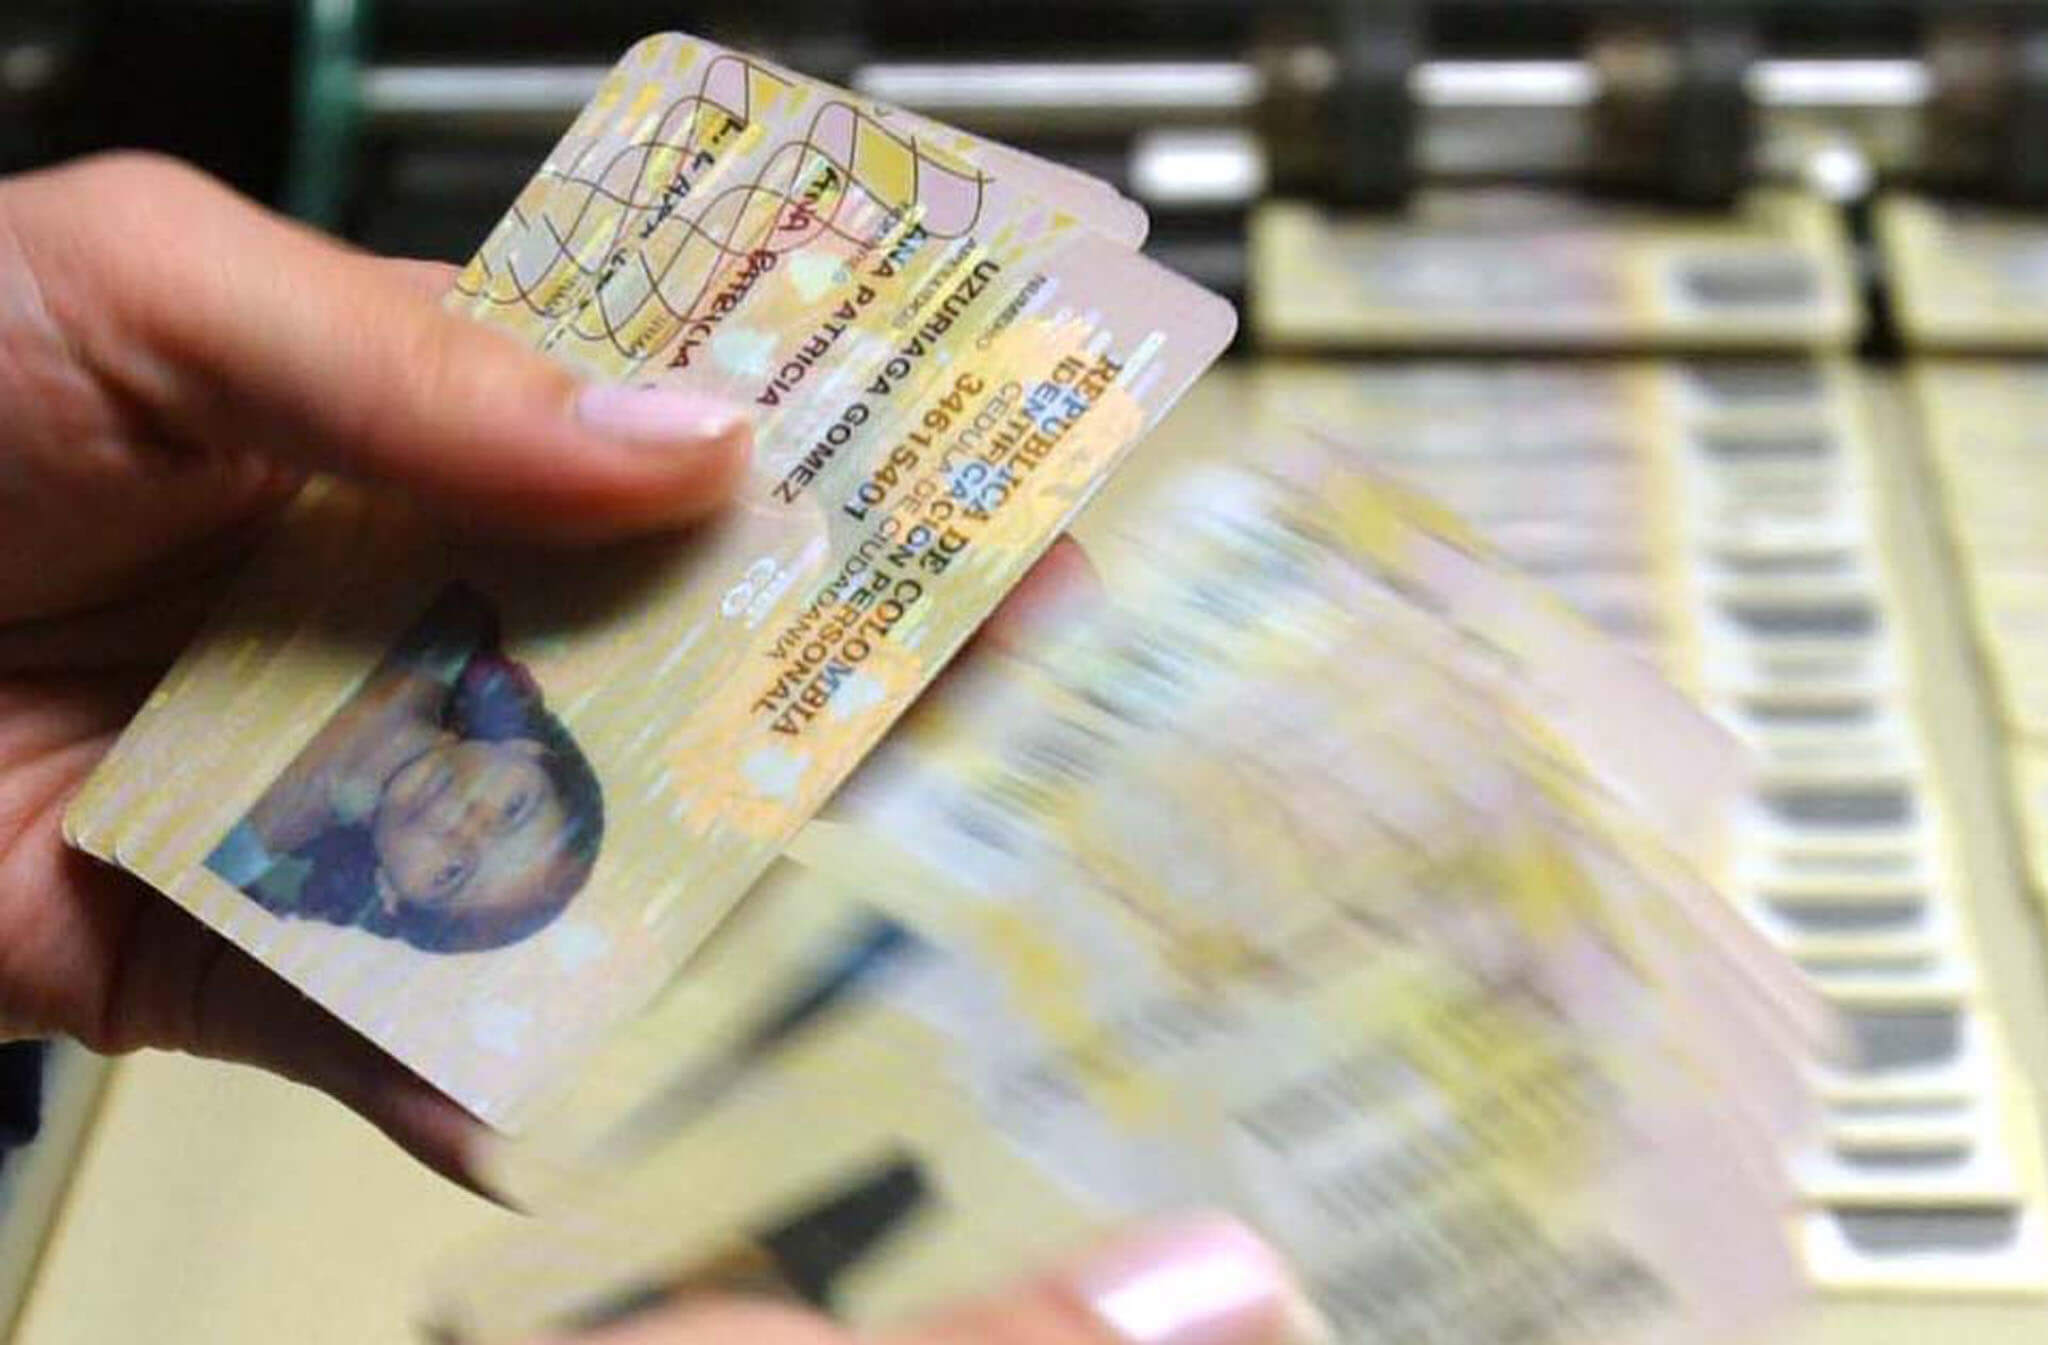 Hay 7.594 documentos de identidad sin reclamar en las distintas sedes de  la Registraduria. Dueños podrían ser sancionados.